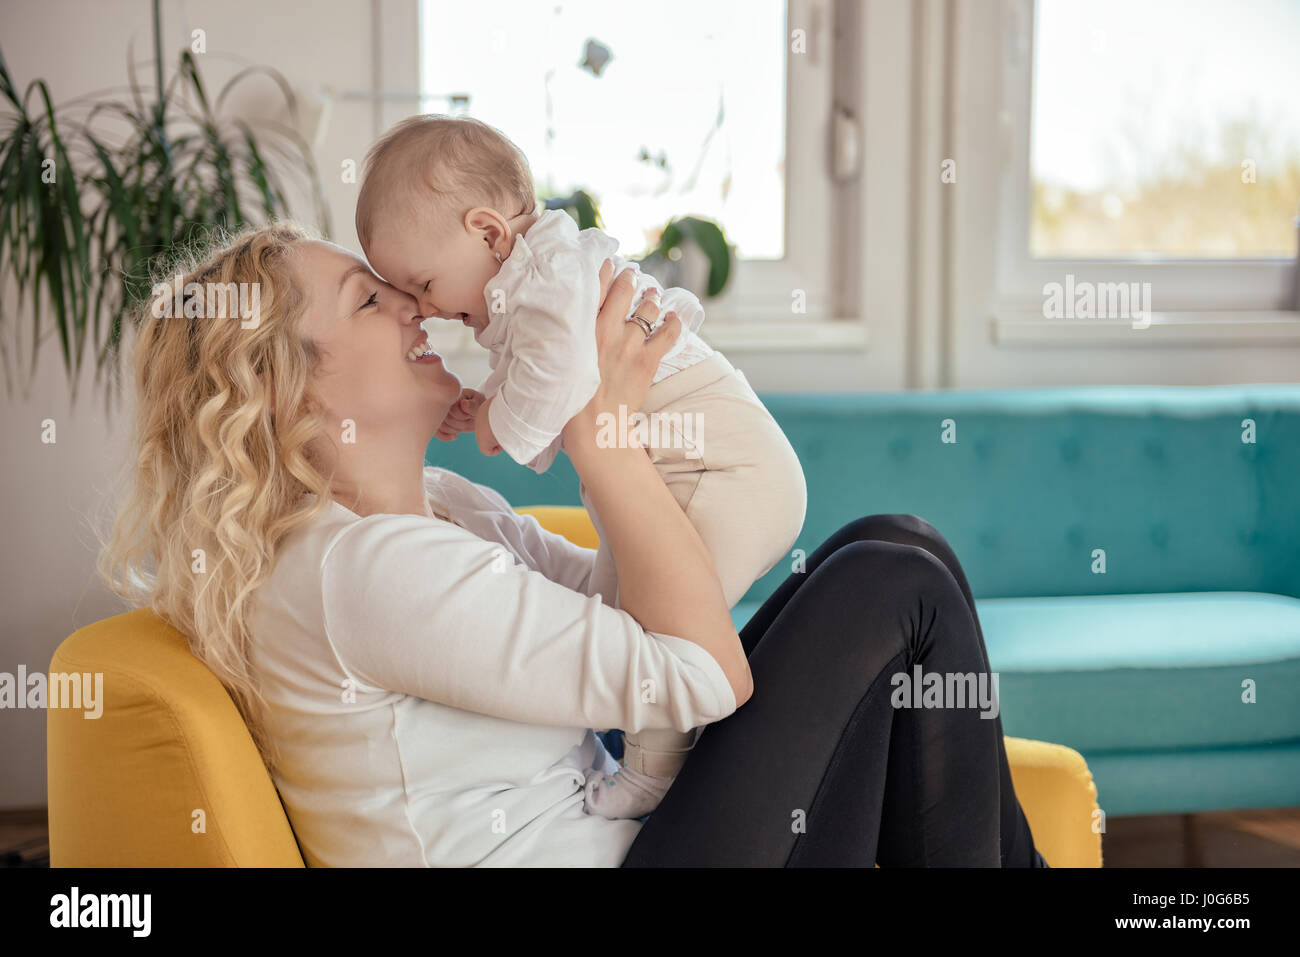 Madre y su bebé, cabeza a cabeza, Sentado en el sillón amarillo Imagen De Stock